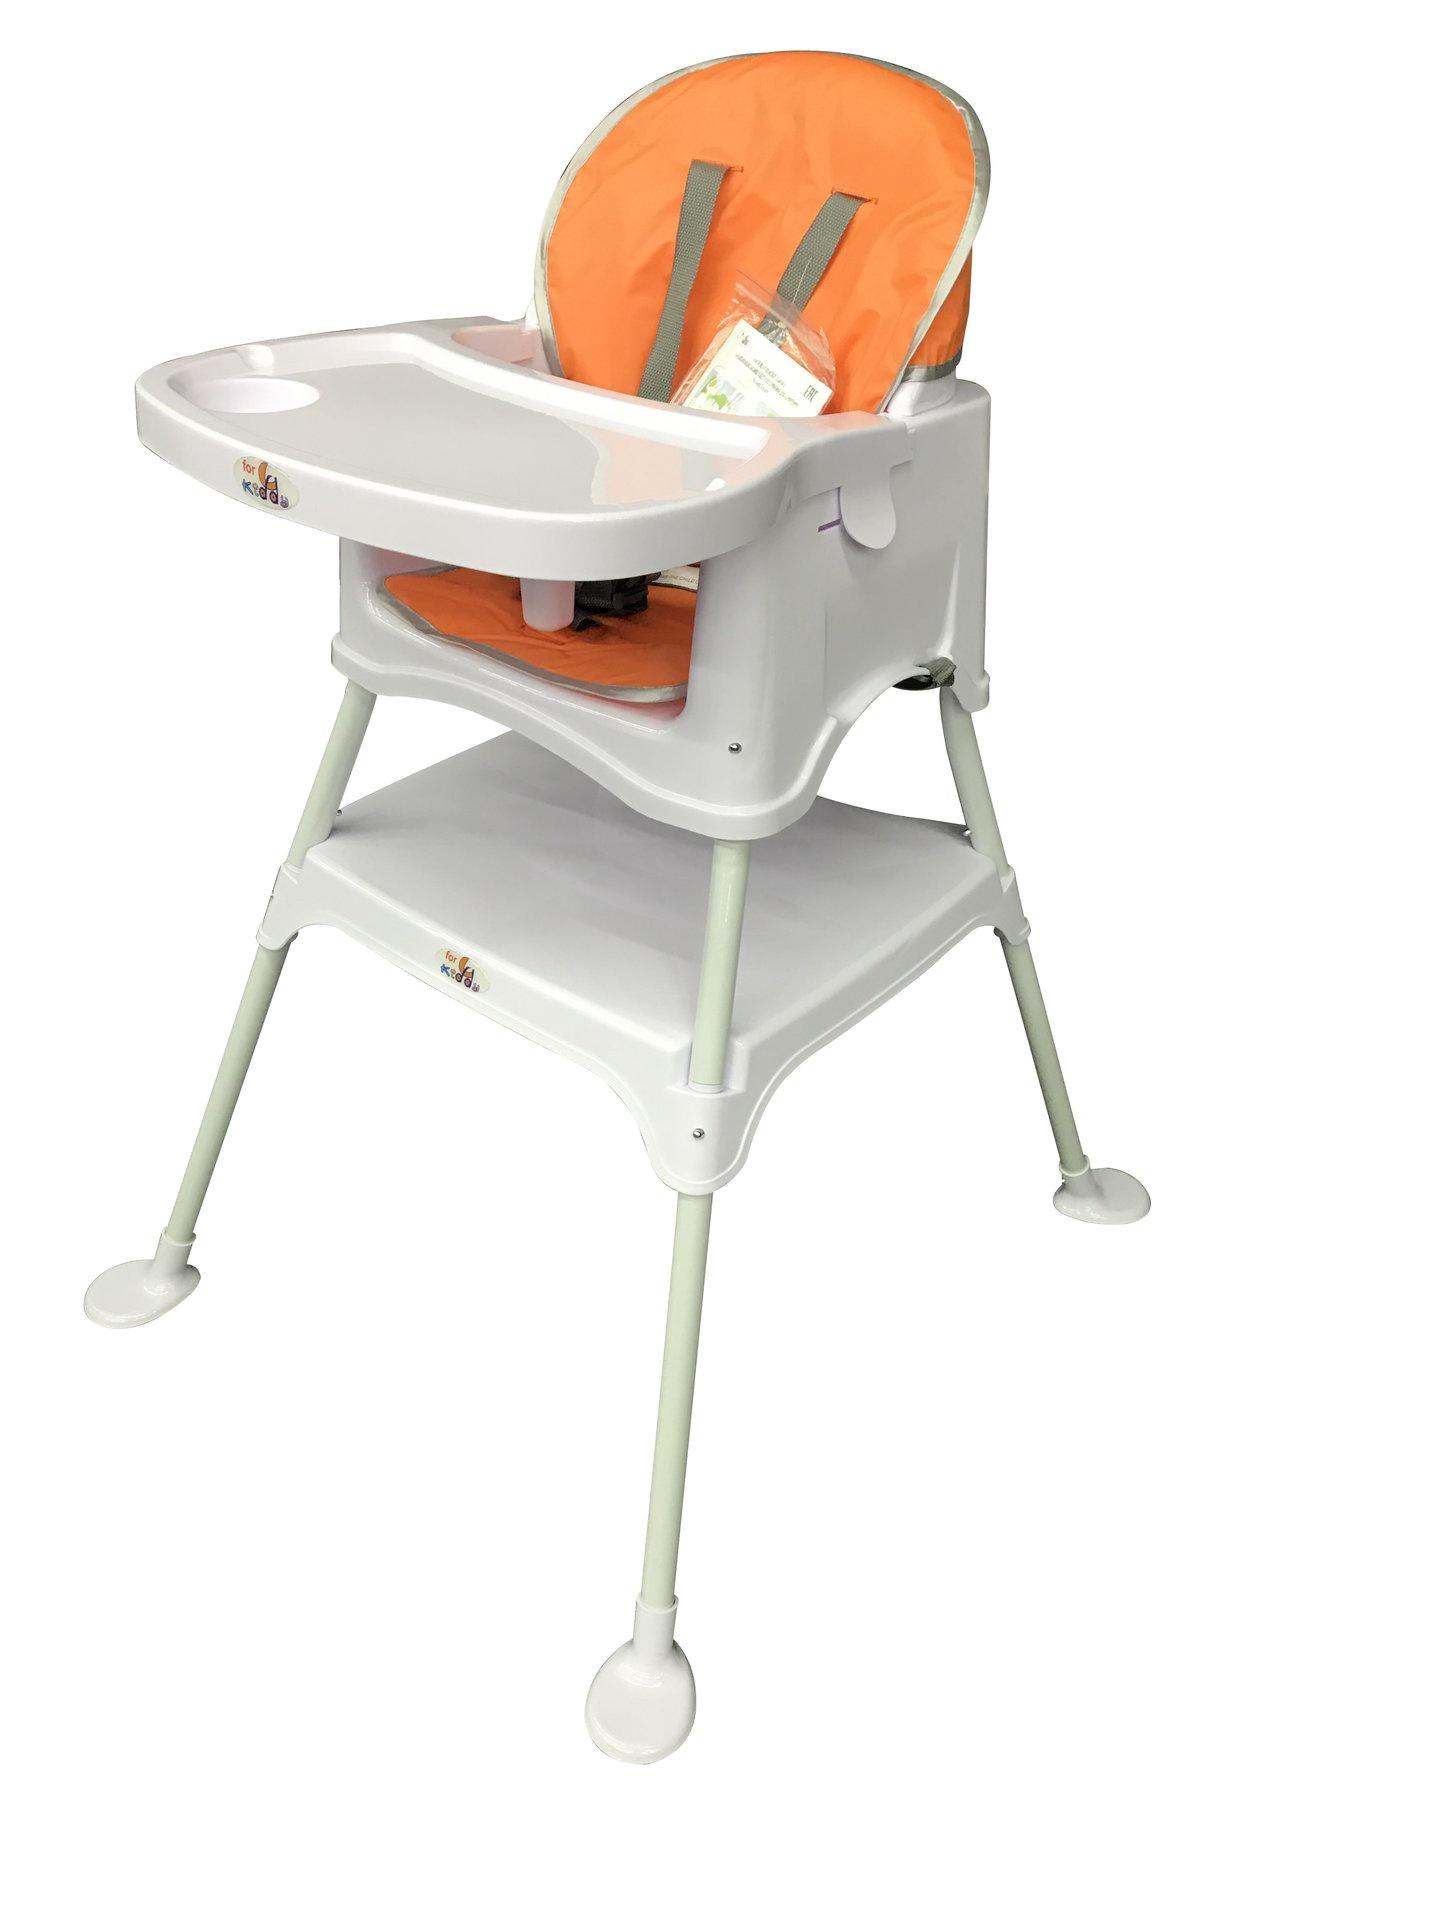 Стульчик для кормления ForKiddy Tandem Orange оранжевый